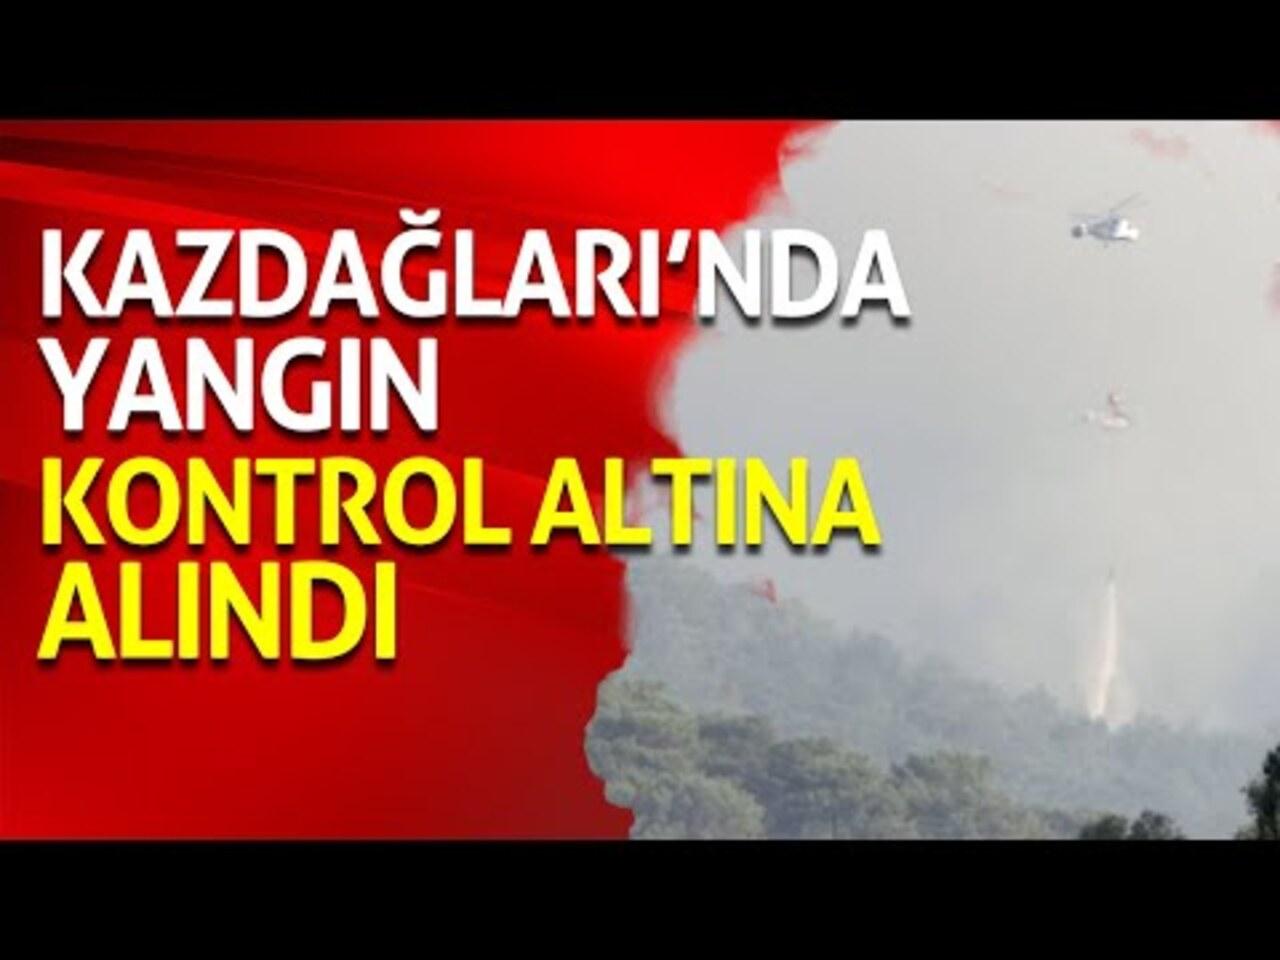 Kaz Dağları yangını, havadan ve karadan müdahalelerle kontrol altında..